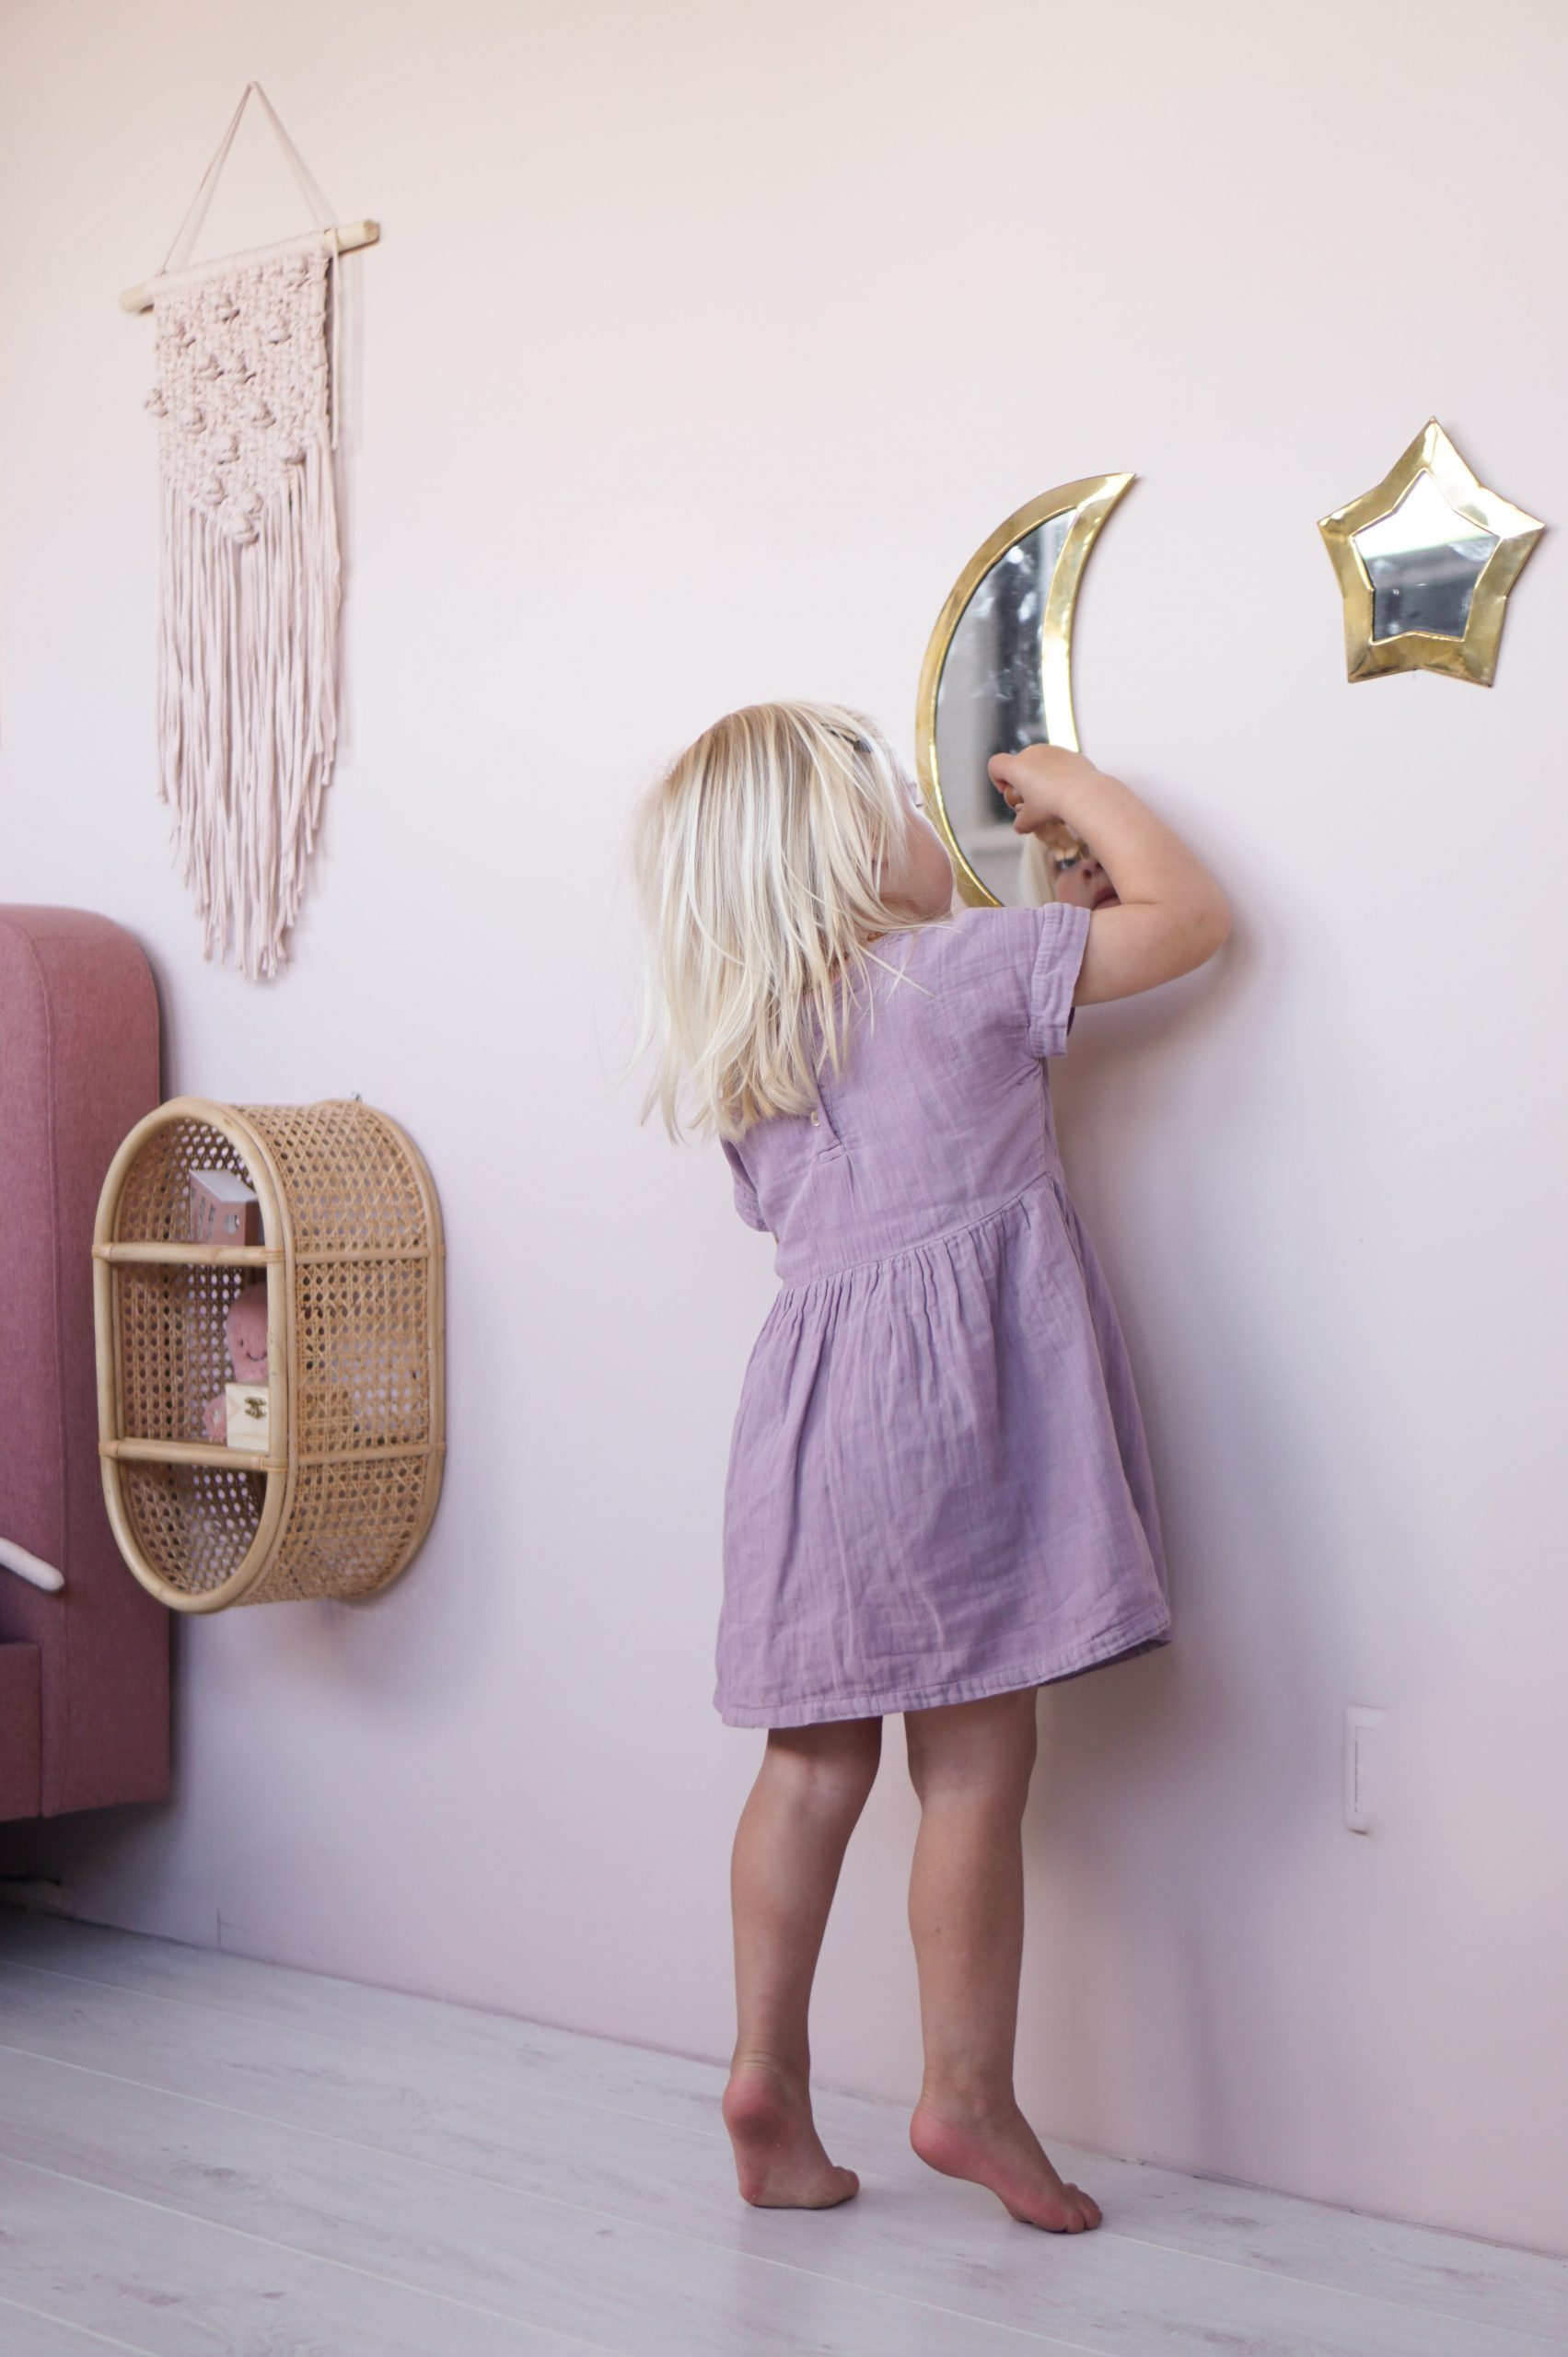 meisjeskamer spiegel